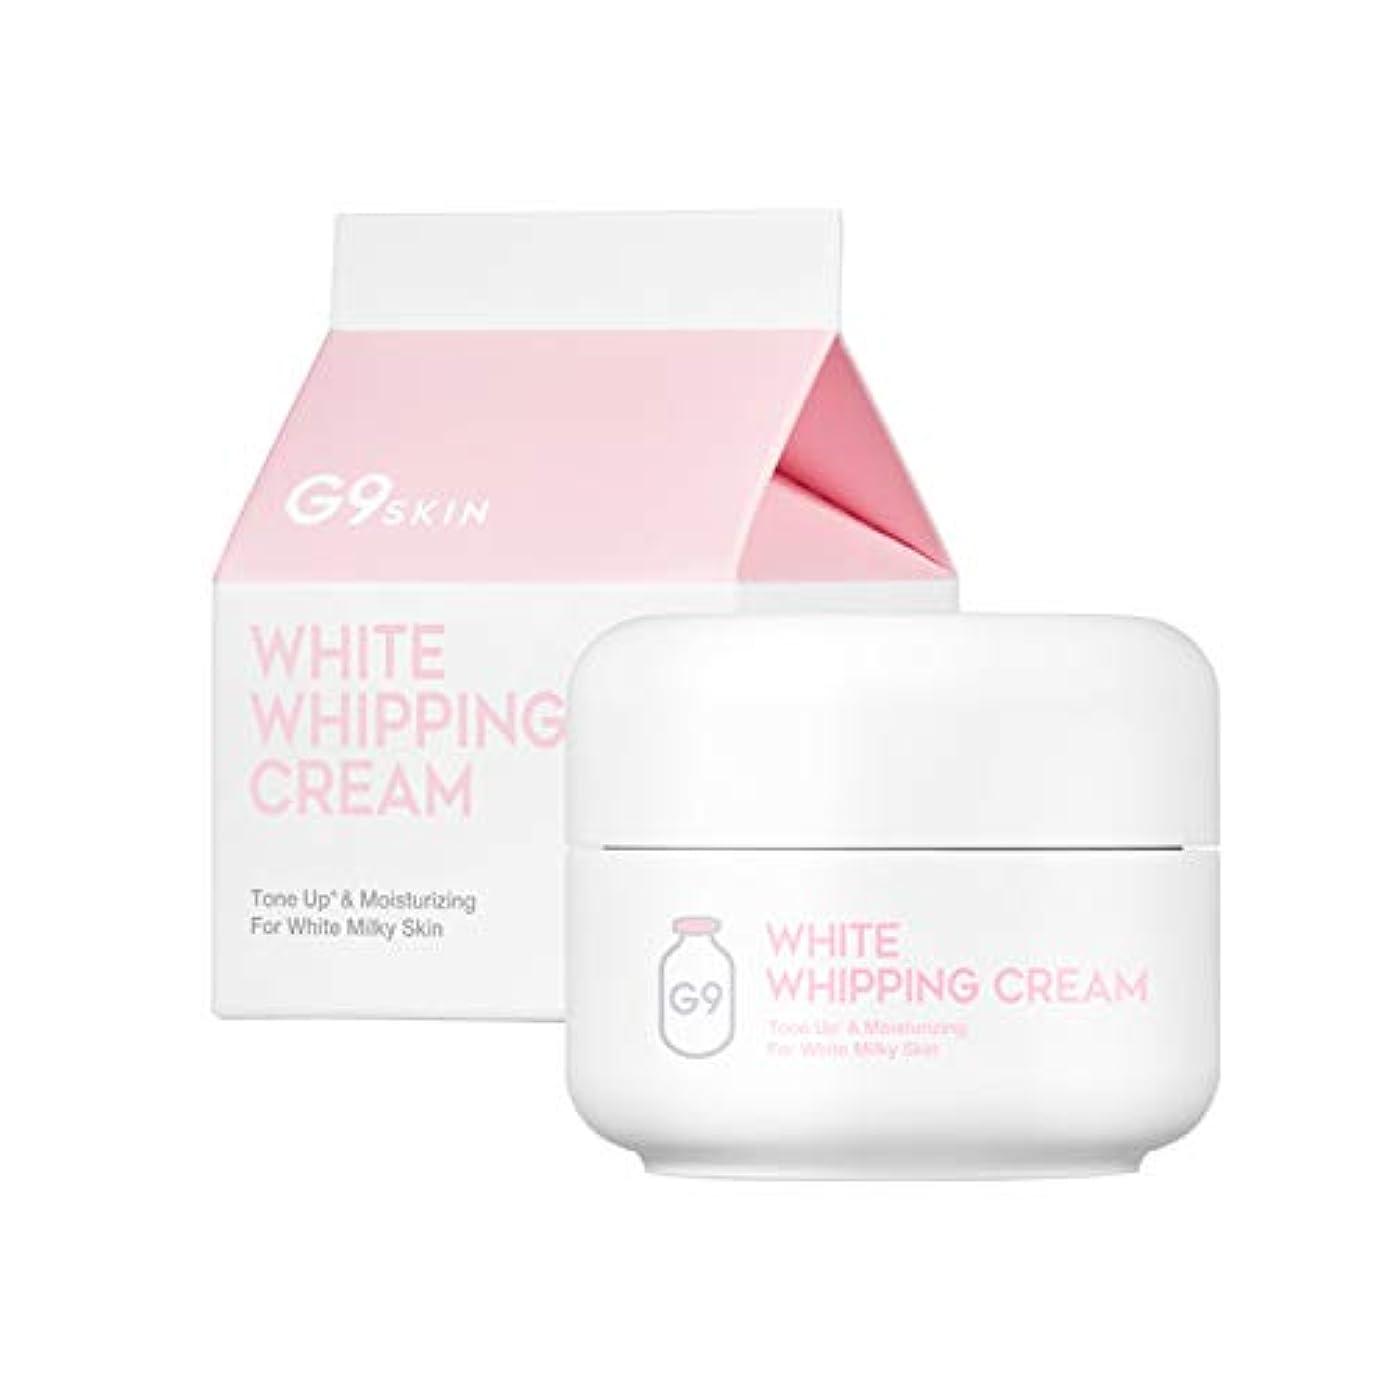 ドレインロール黙認するG9SKIN(ベリサム) ホワイト イン 生クリーム WHITE IN WHIPPING CREAM 50g